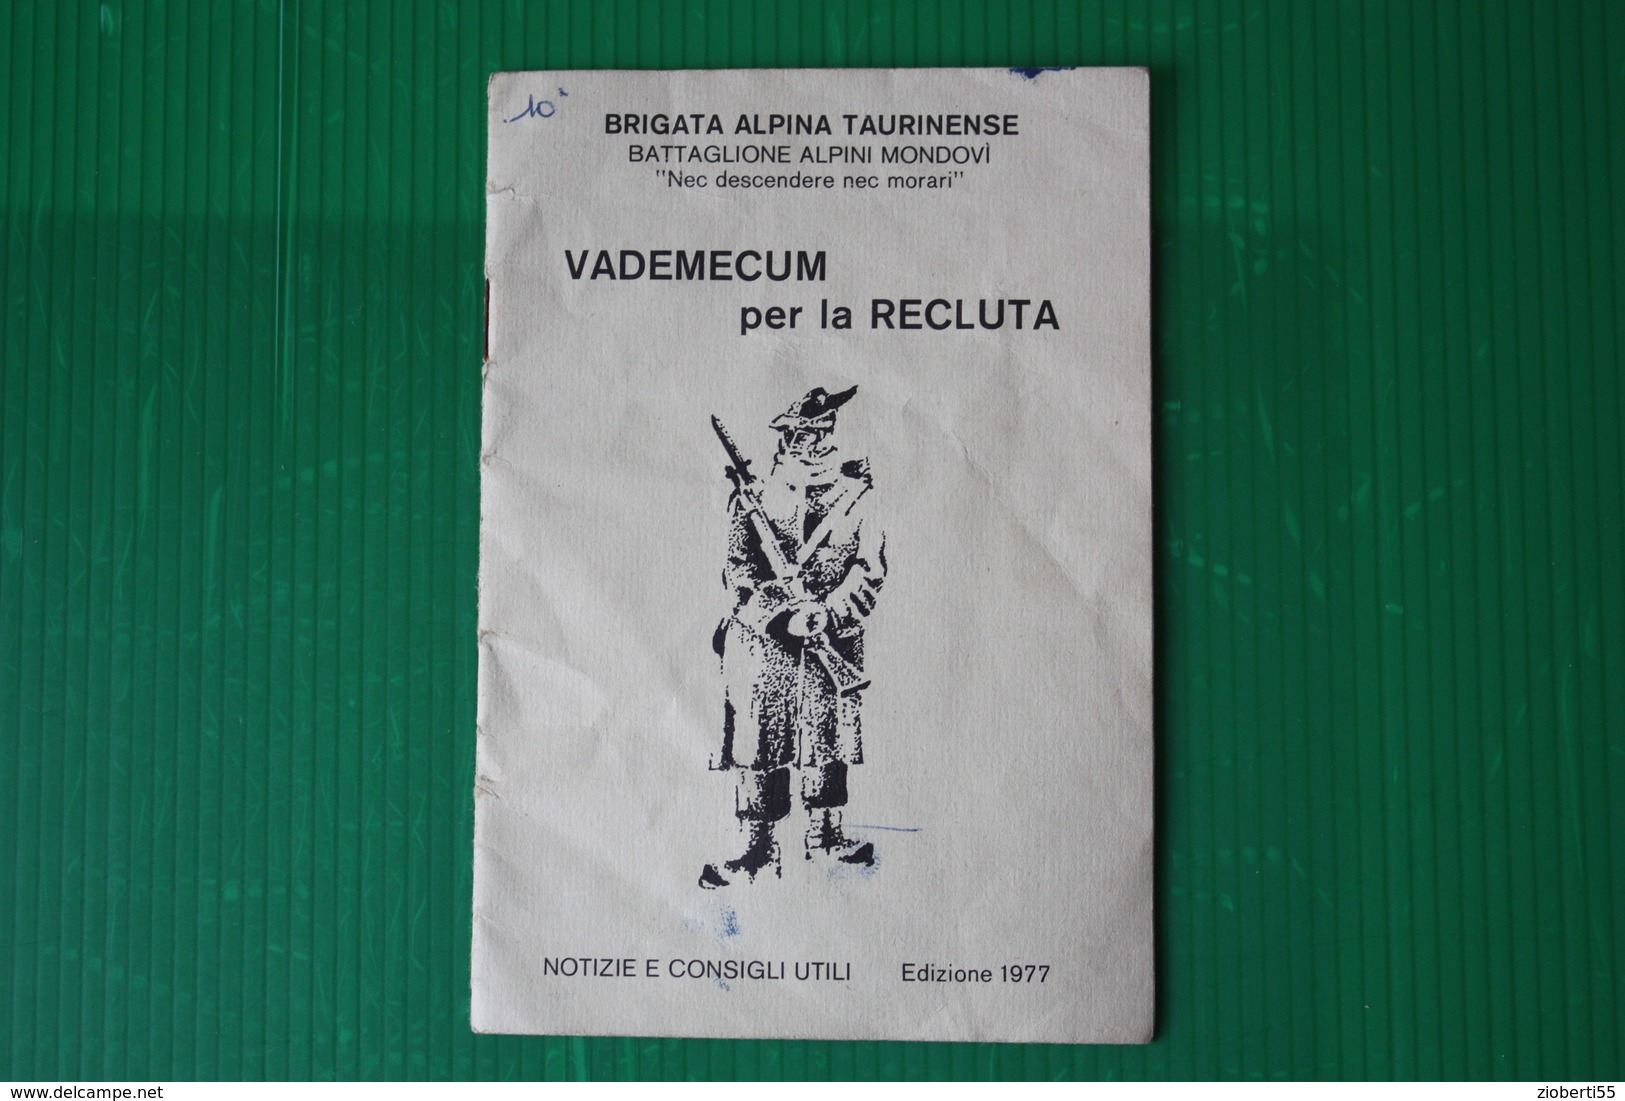 BTA ALPINA TAURINENSE - BTG. MONDOVI - VADEMECUM PER LA RECLUTA - 1977 - Altri